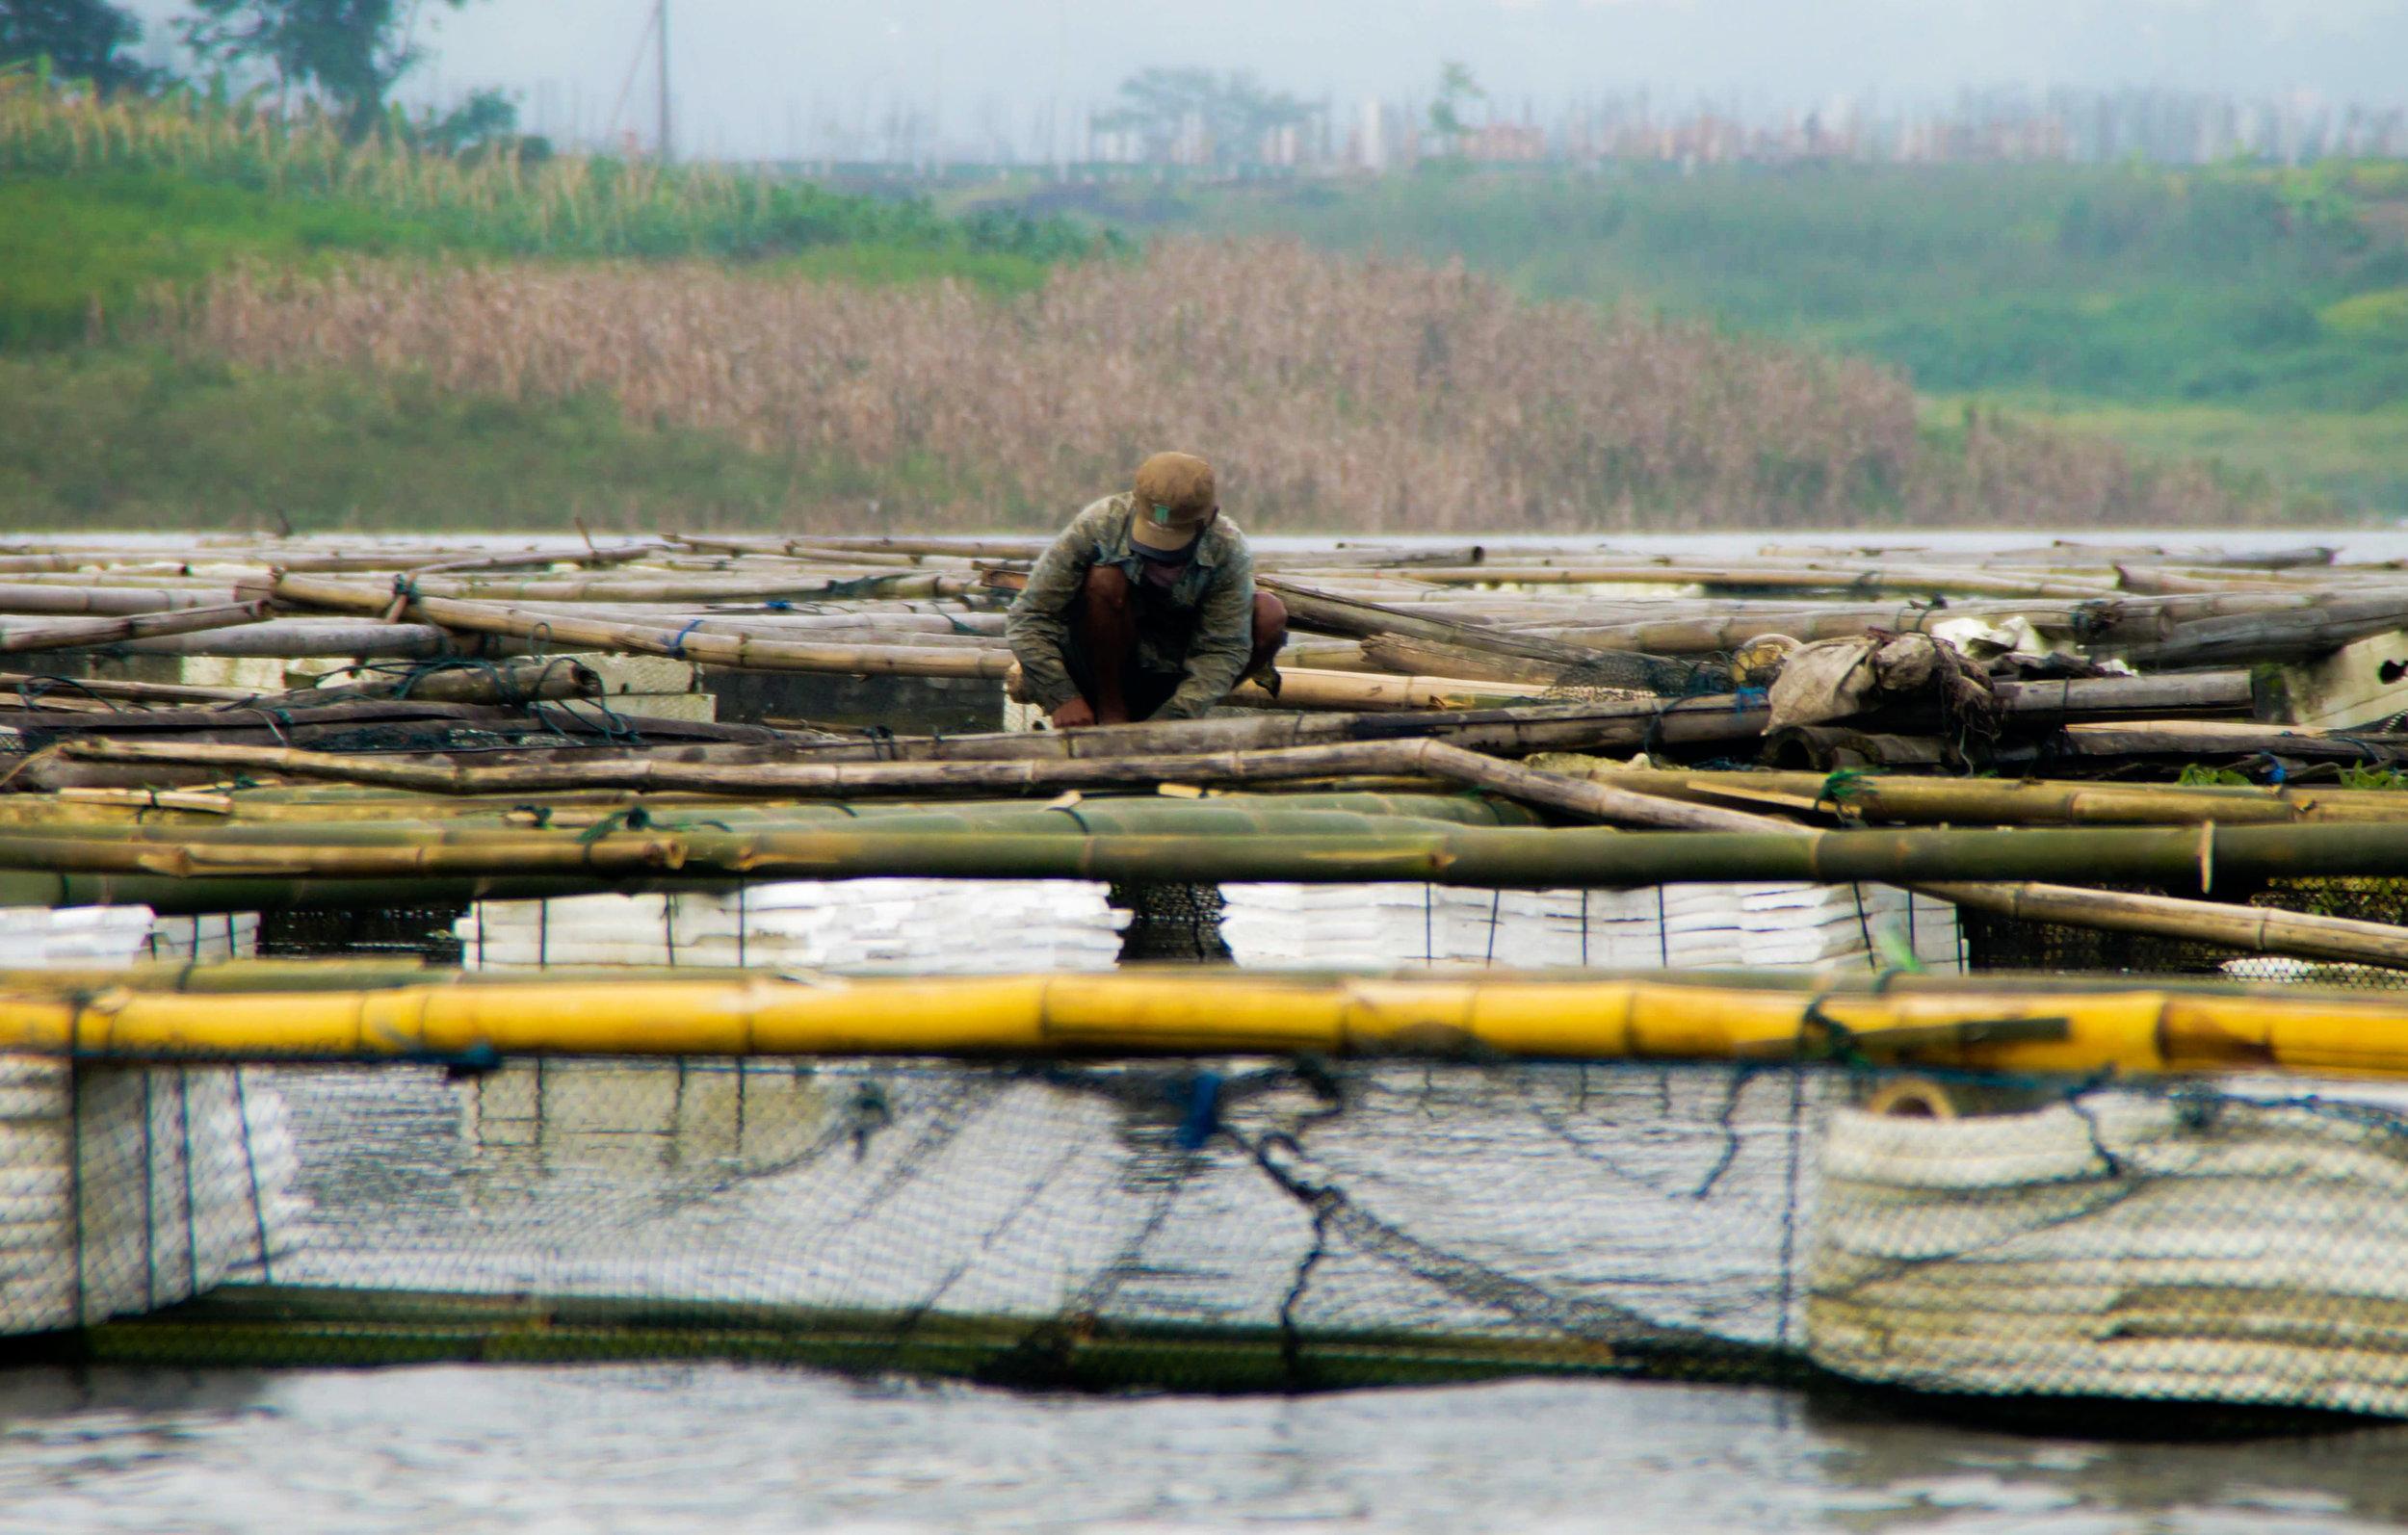 Fisherman in Indonesia.jpg